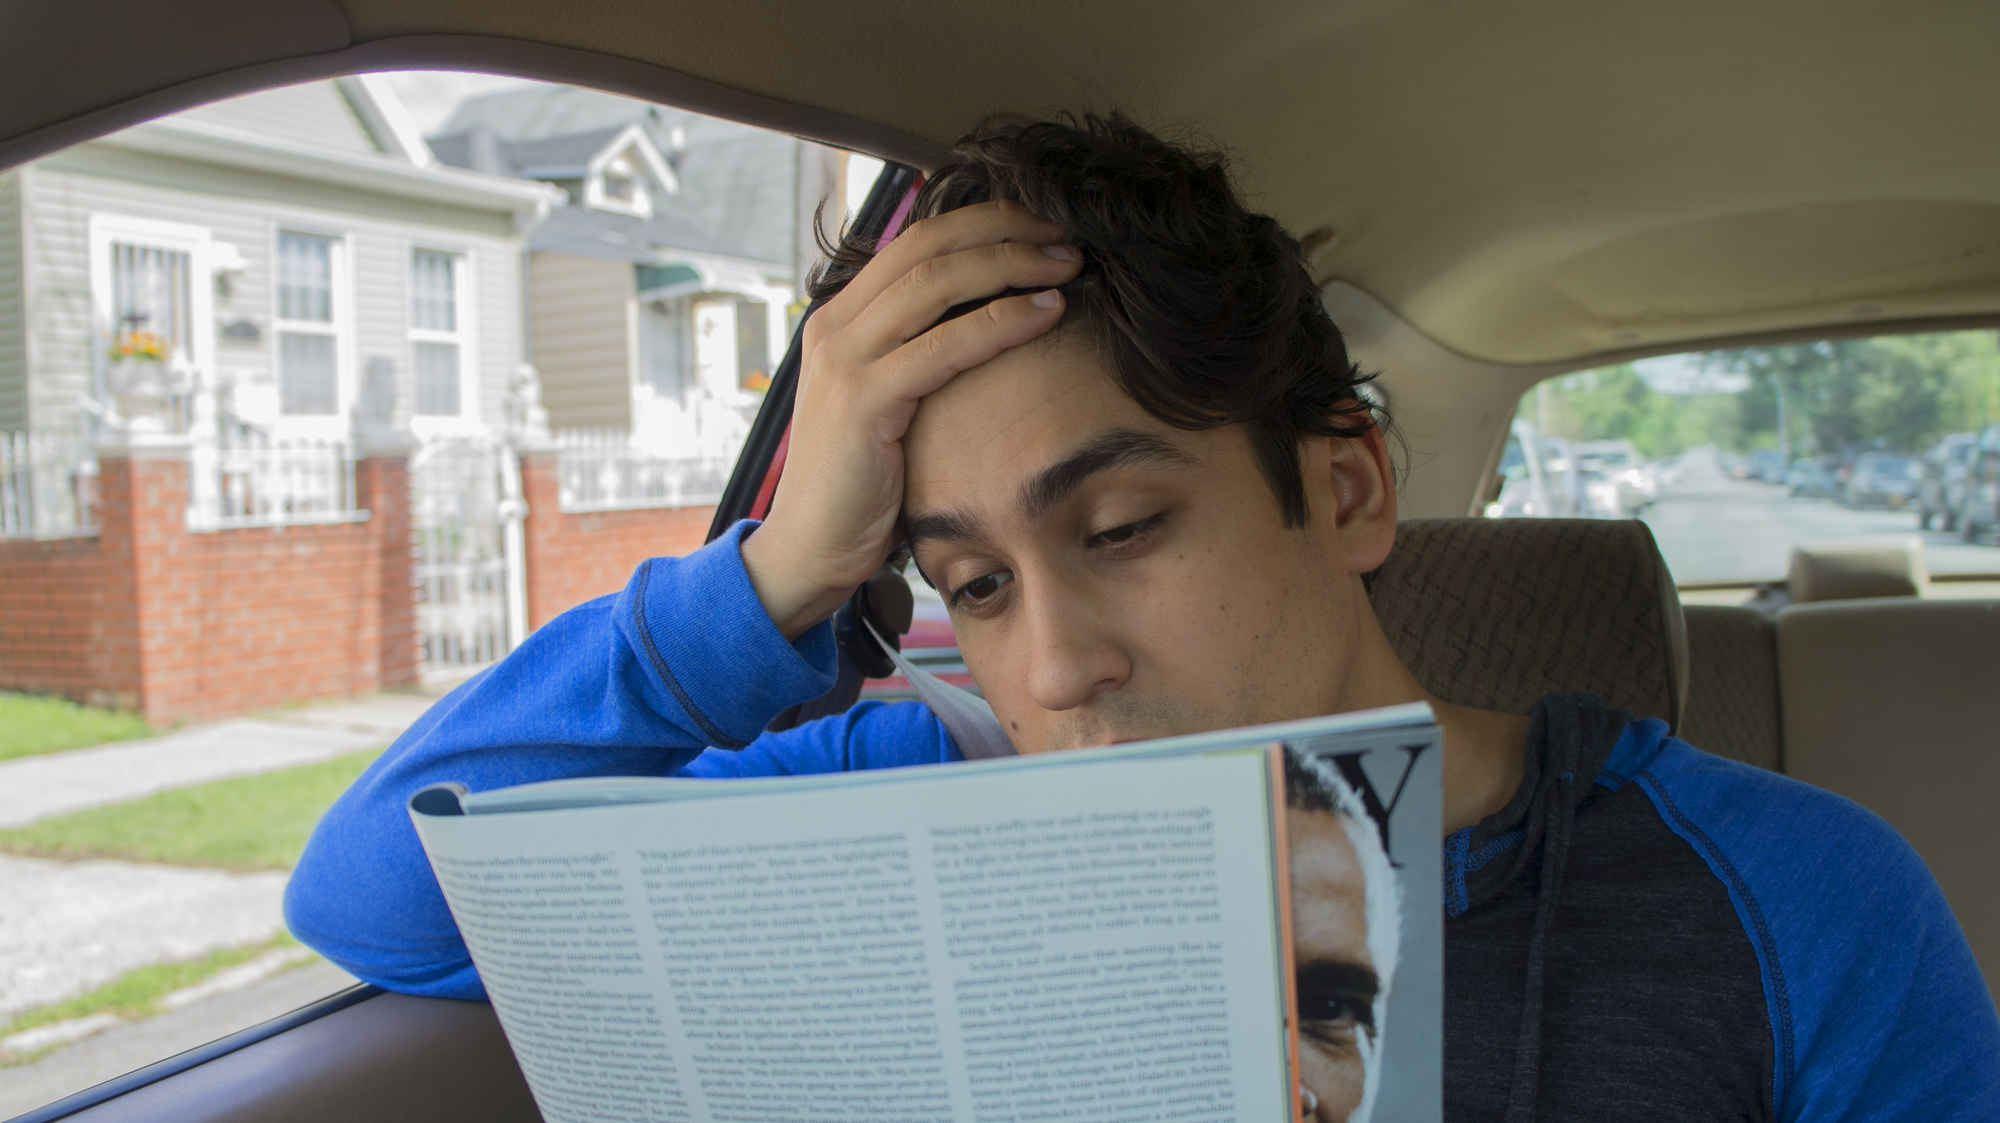 Đọc sách trên xe là thói quen xấu gây hại cho mắt